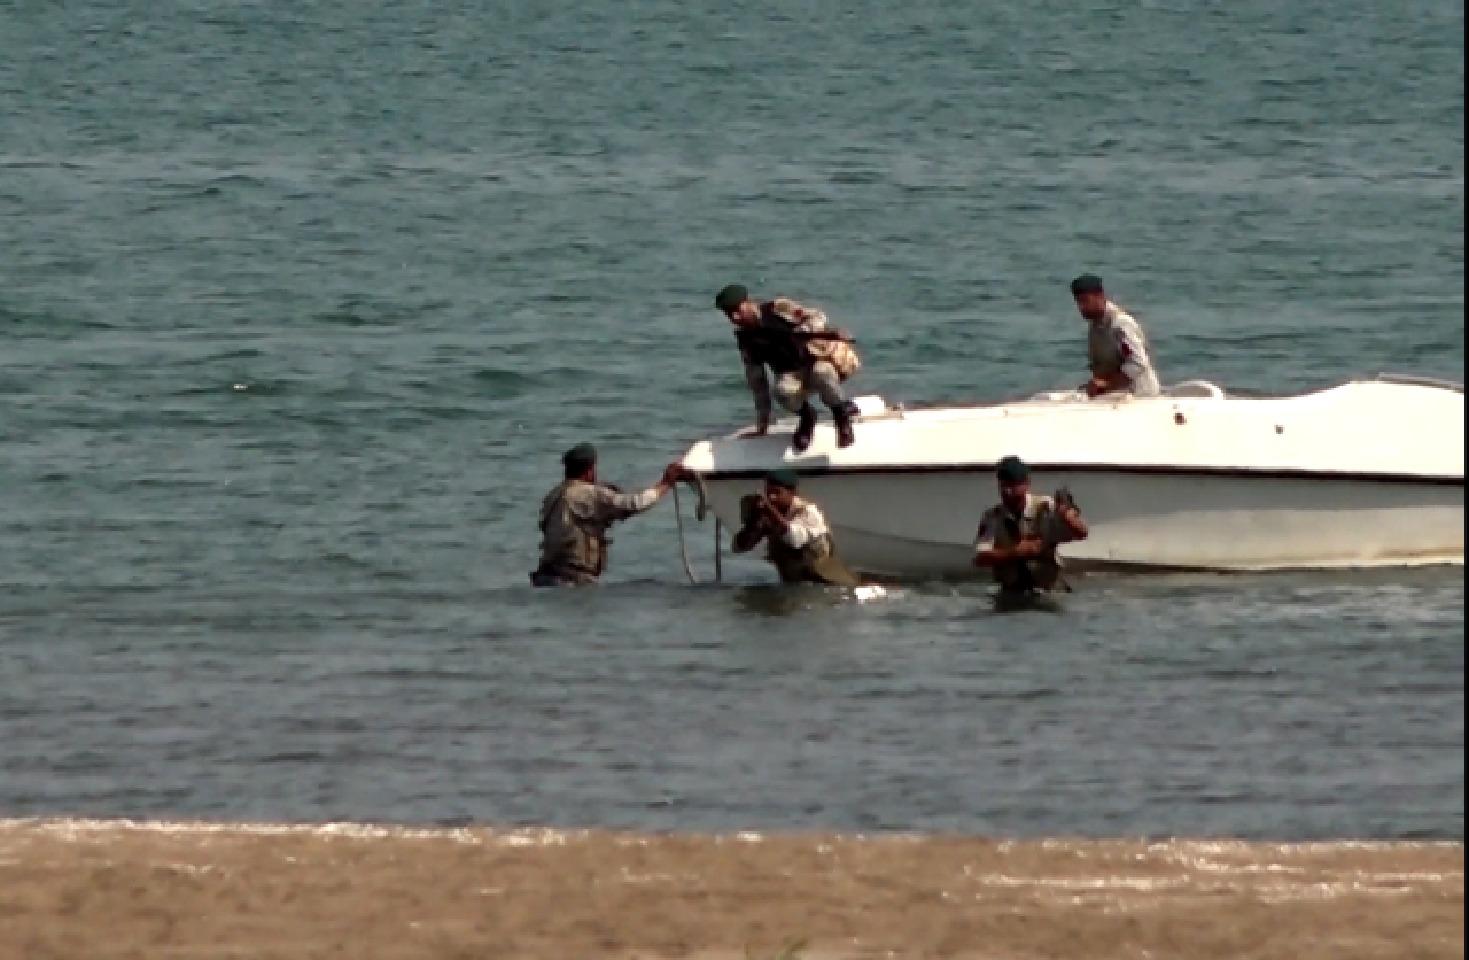 عملیات موفقیت آمیز شناسایی پهپادهای نیروی دریایی ارتش